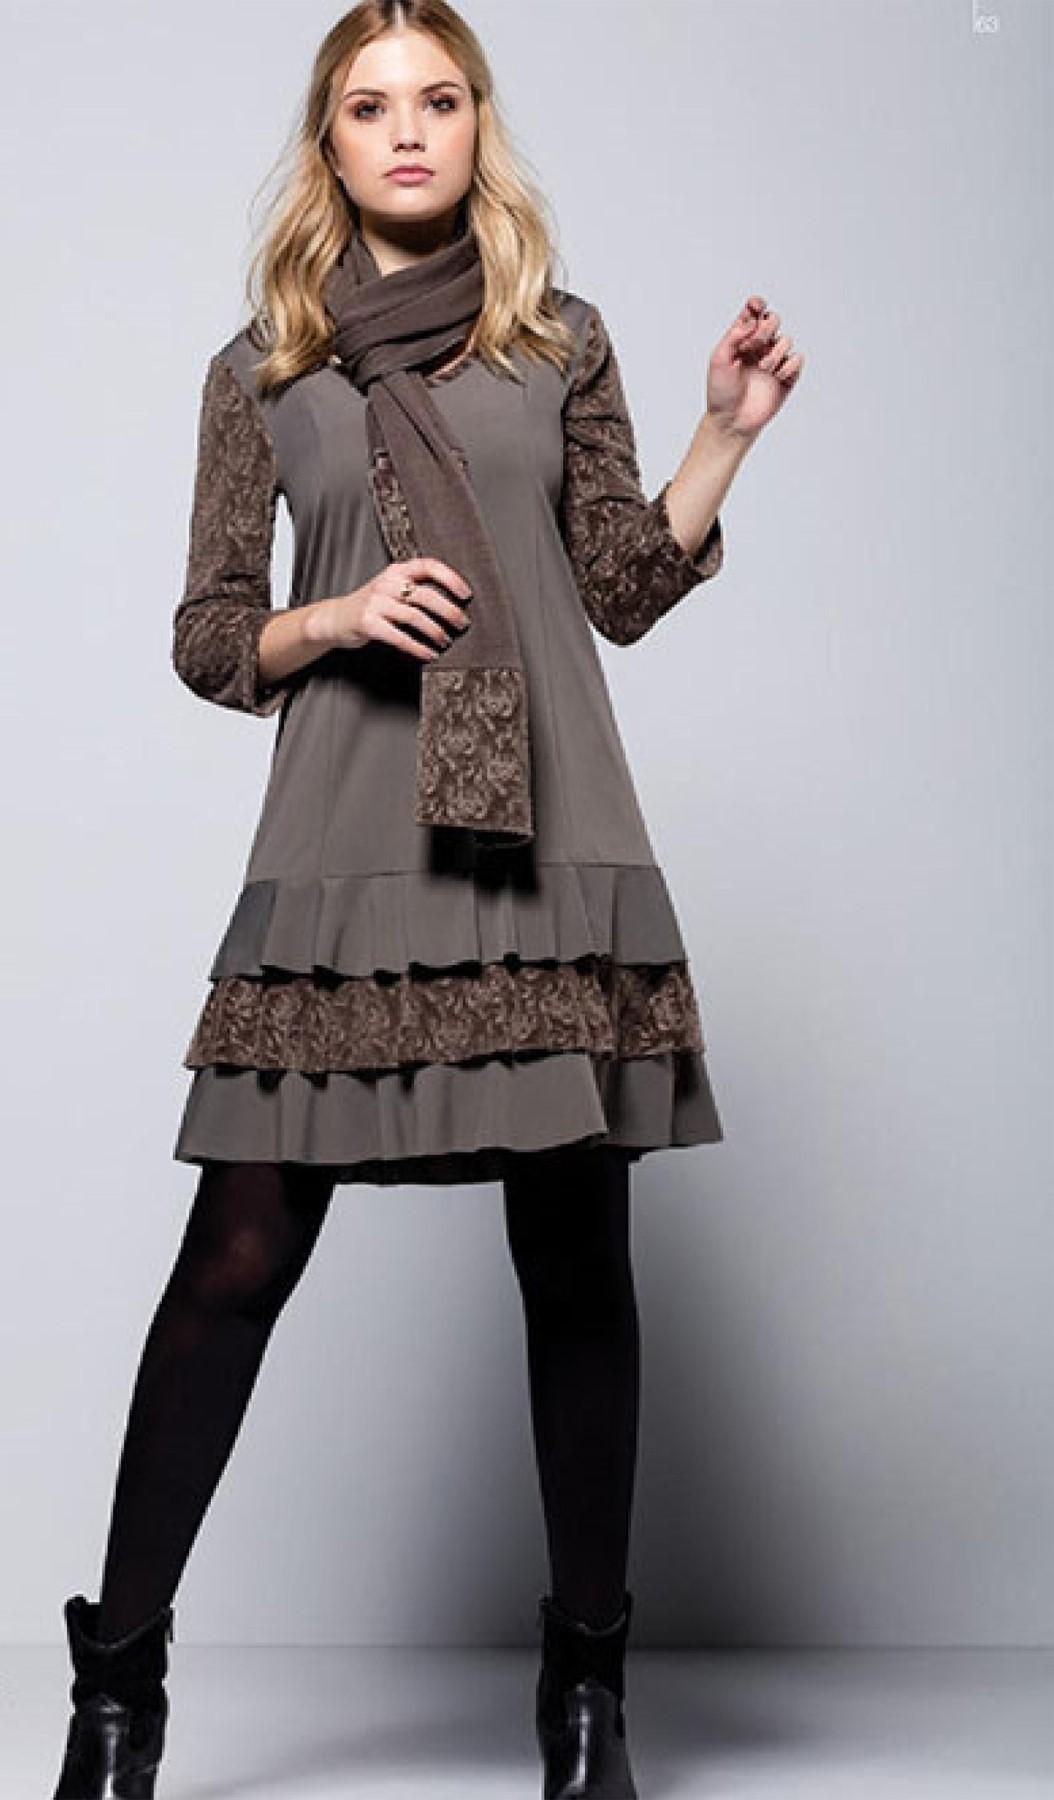 Maloka: Triple Cut Velvet & Contrast Ruffled Hem Dress (1 Left in Powder Blue!) MK_ROUANNE_N2